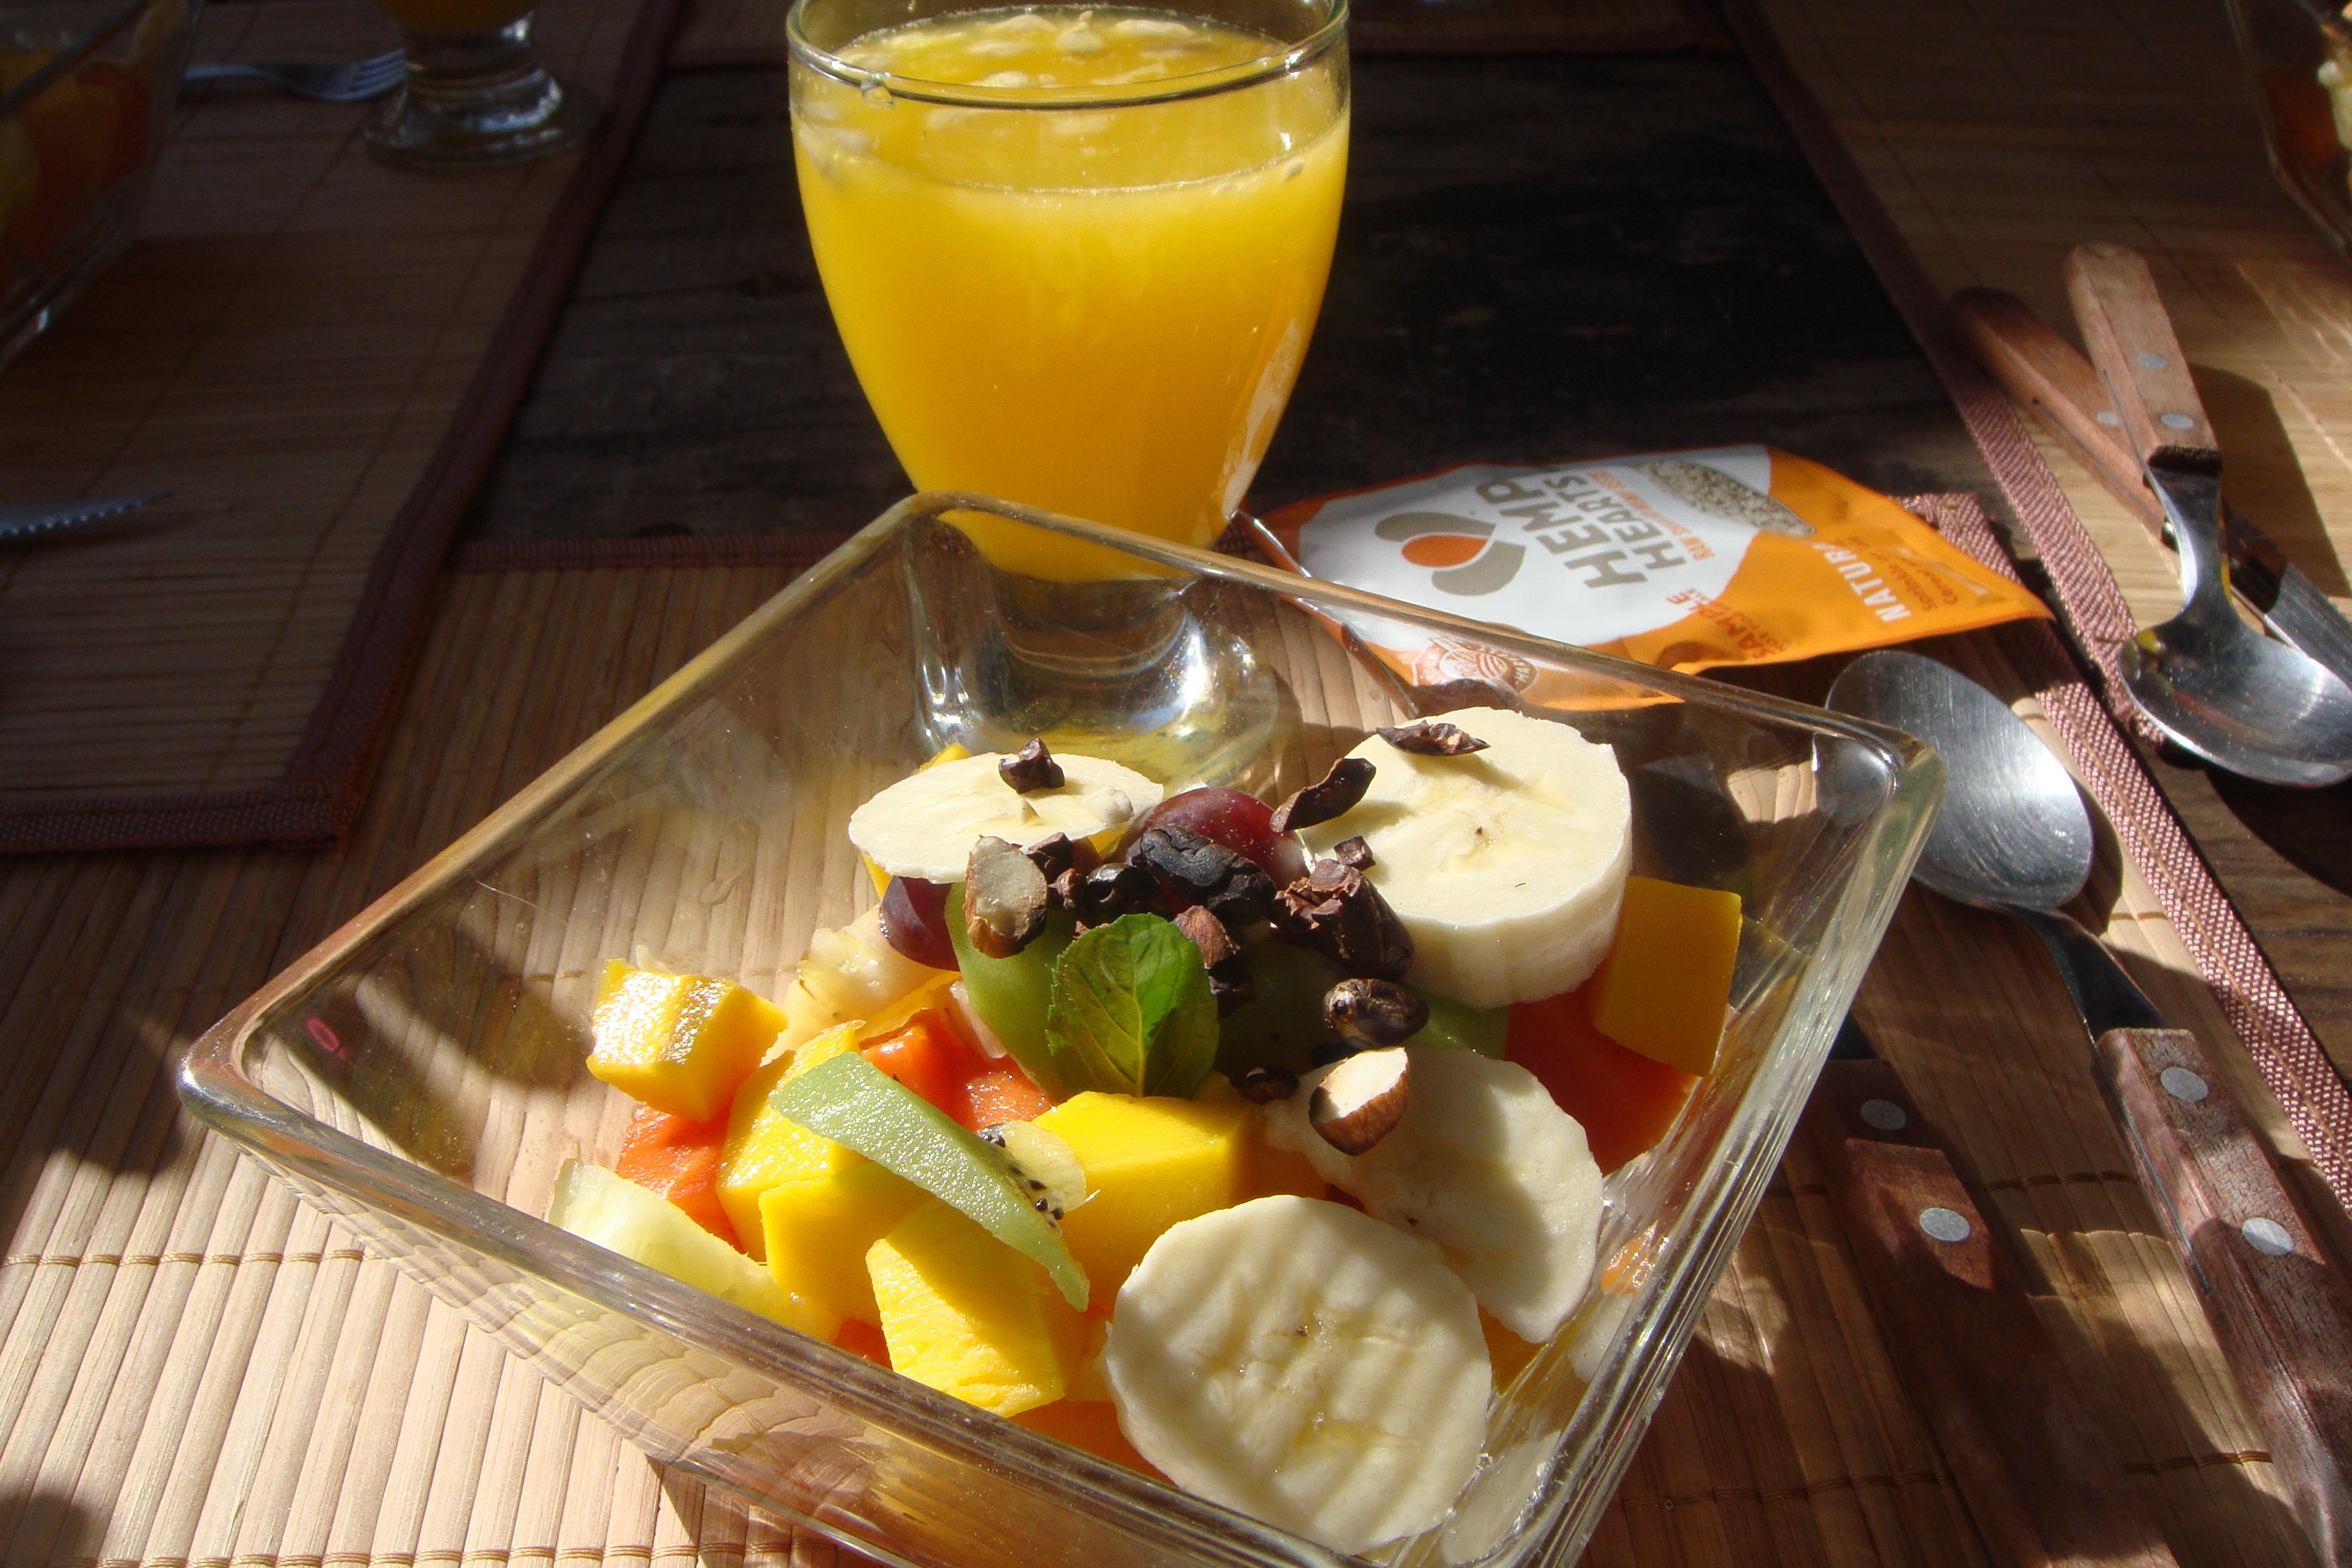 More delicious breakfast